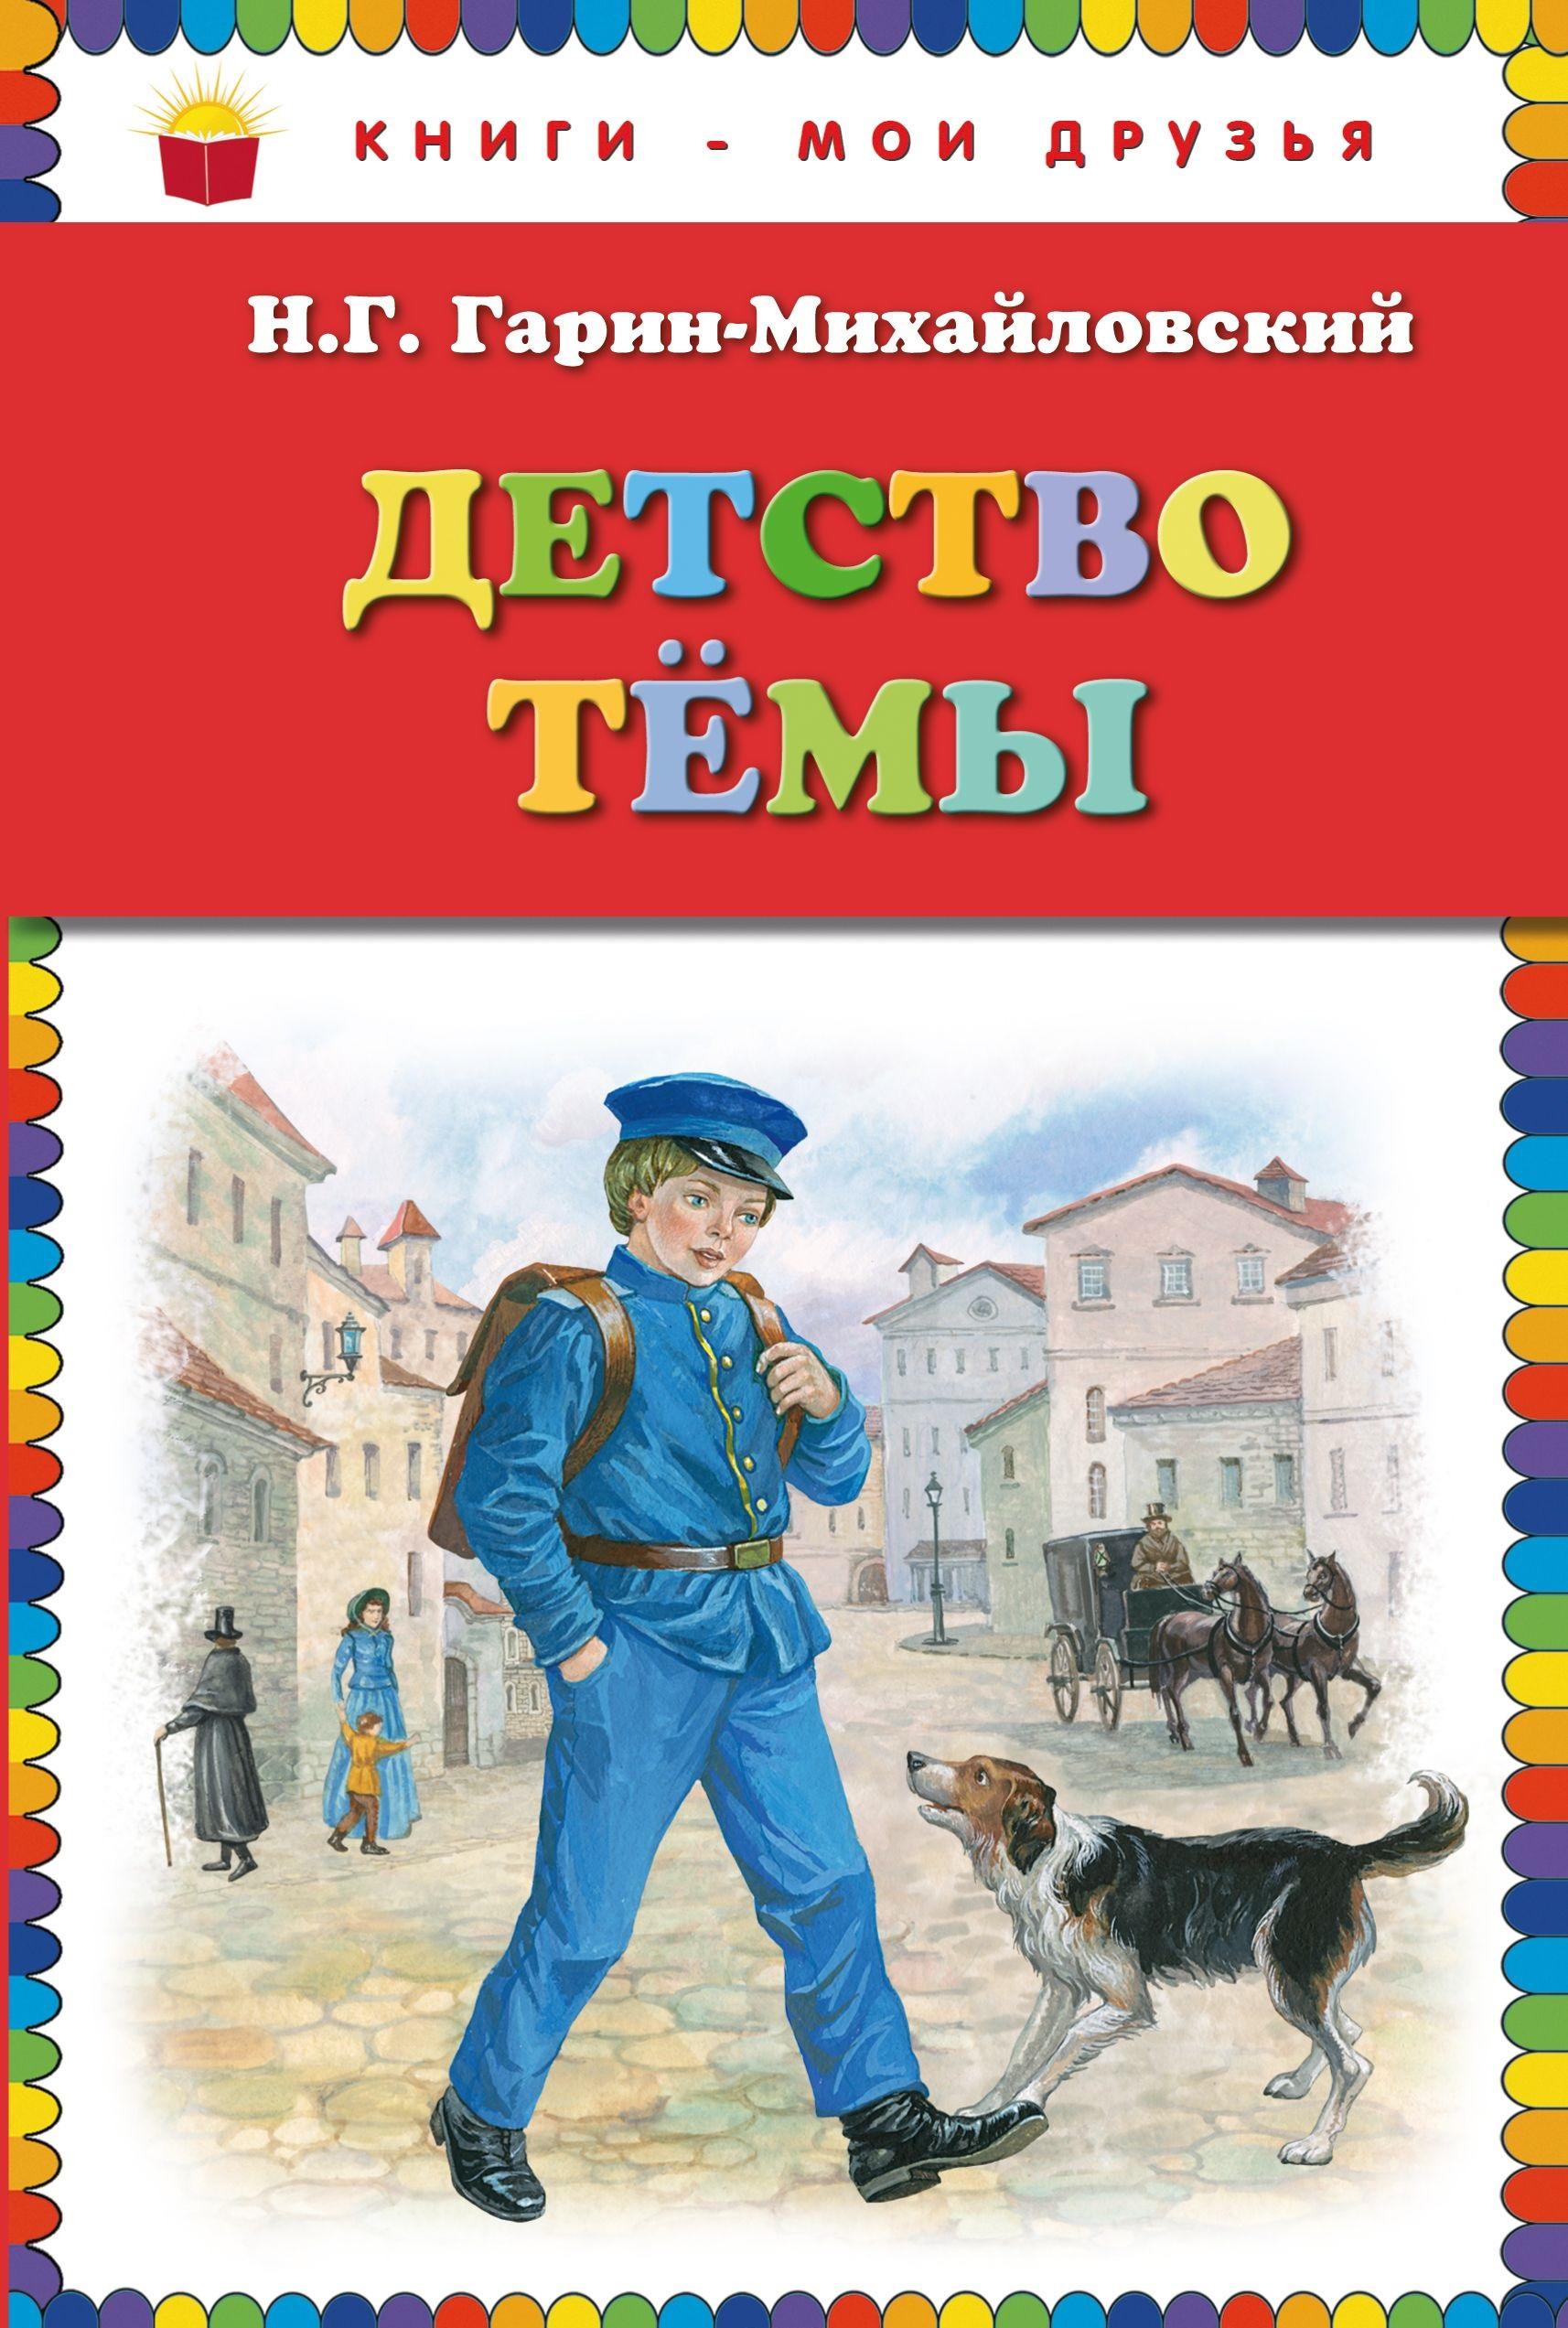 Купить Детство Темы, Николай Гарин-Михайловский, 978-5-699-74646-0